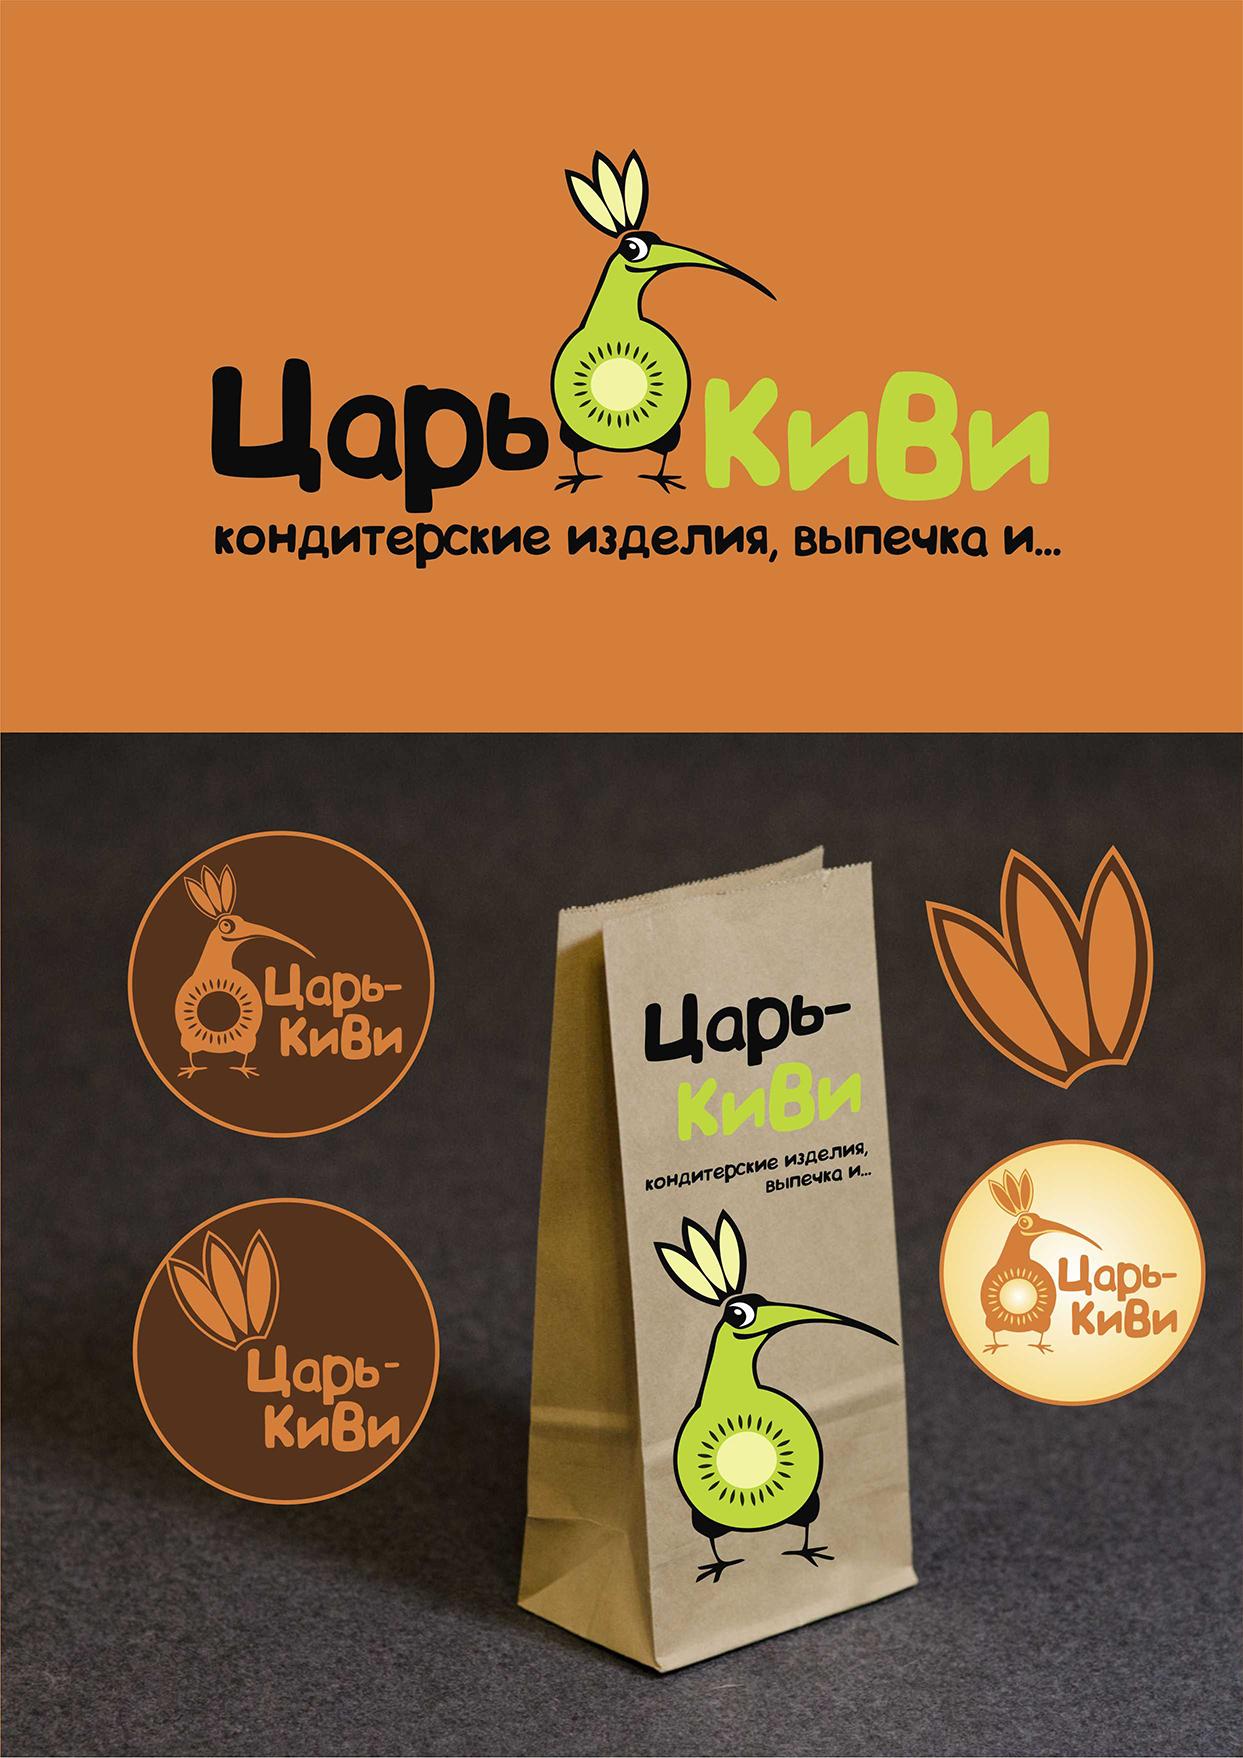 """Доработать дизайн логотипа кафе-кондитерской """"Царь-Киви"""" фото f_2515a072ceddb6f3.jpg"""